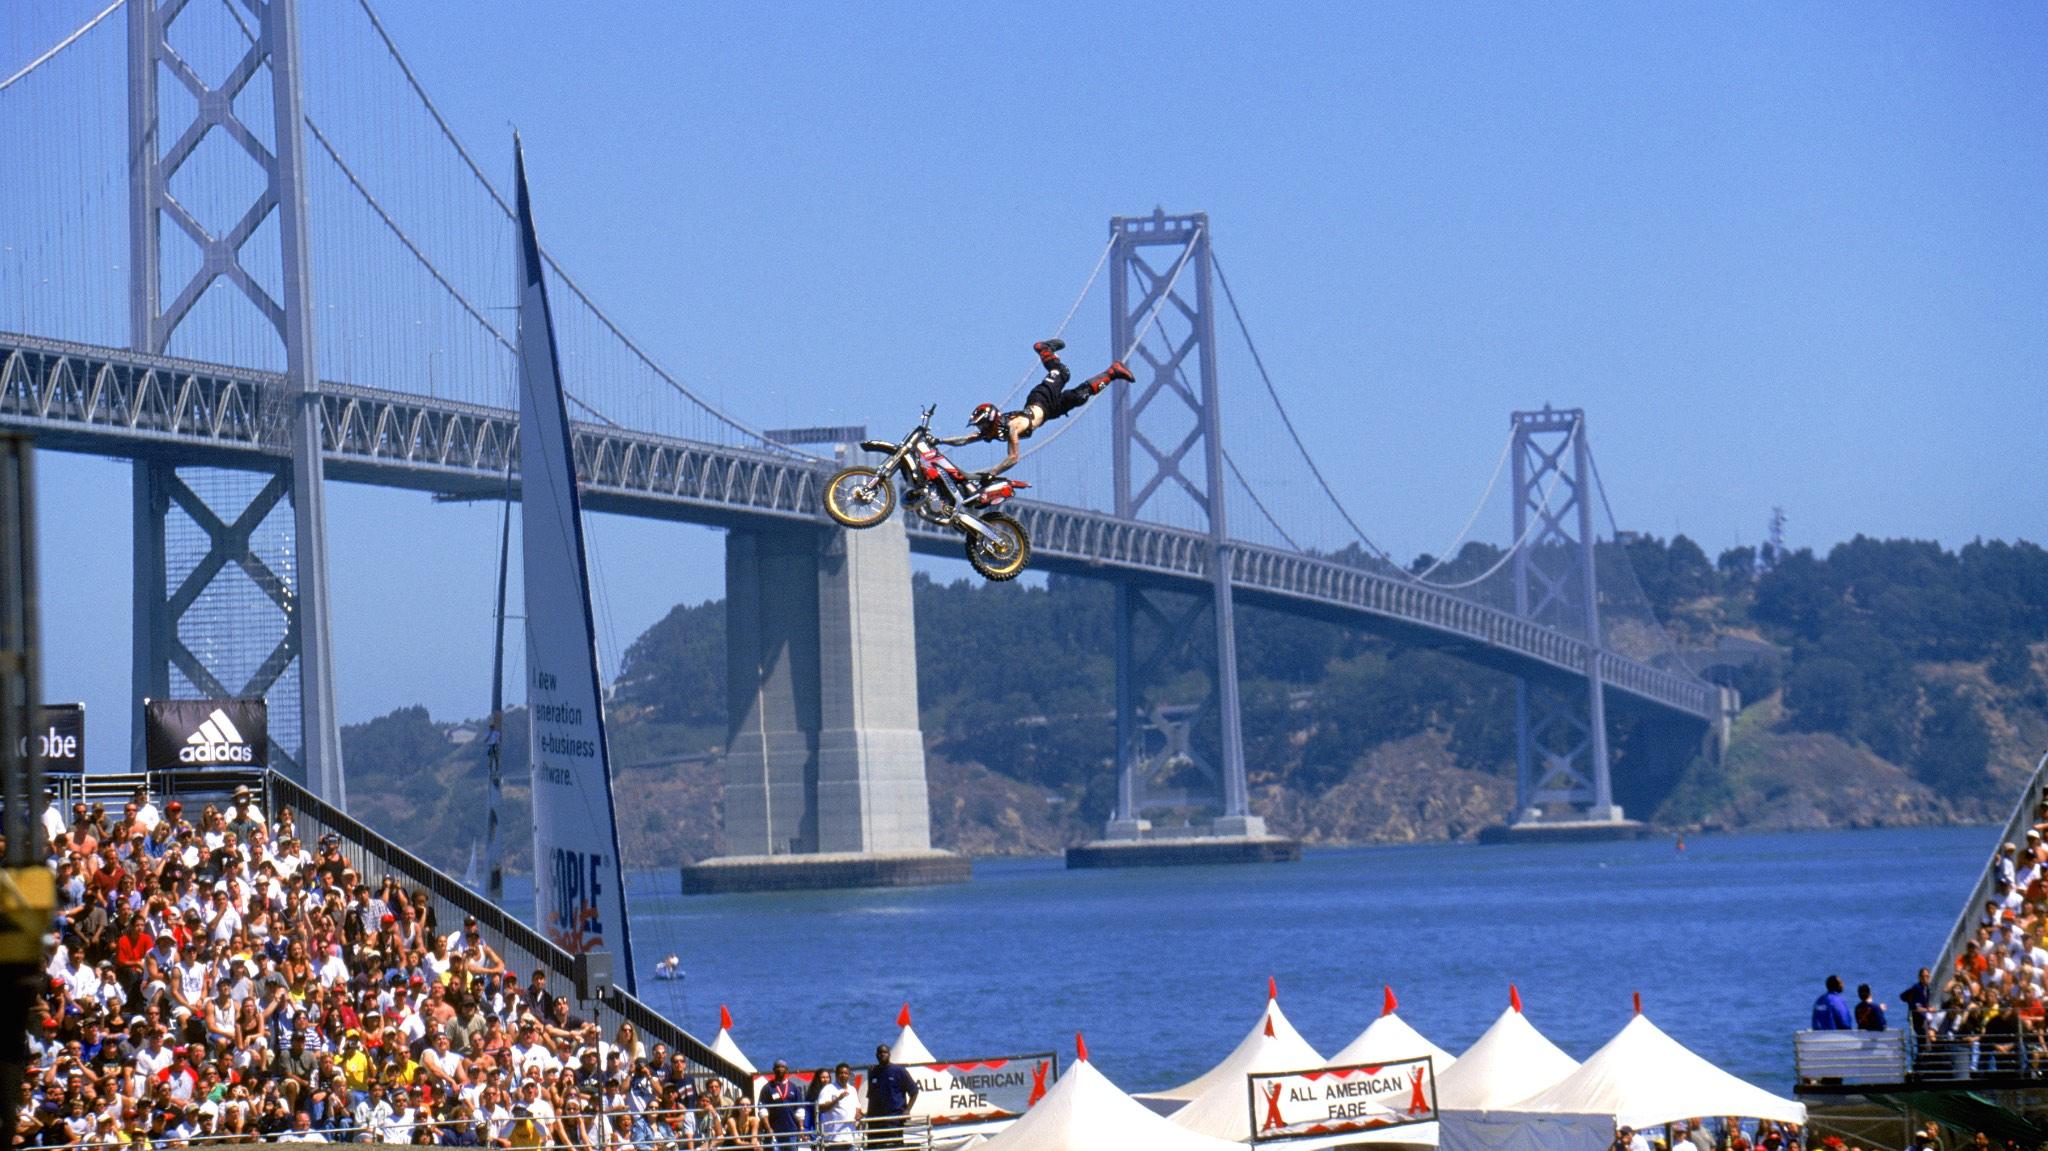 2000: San Francisco, California